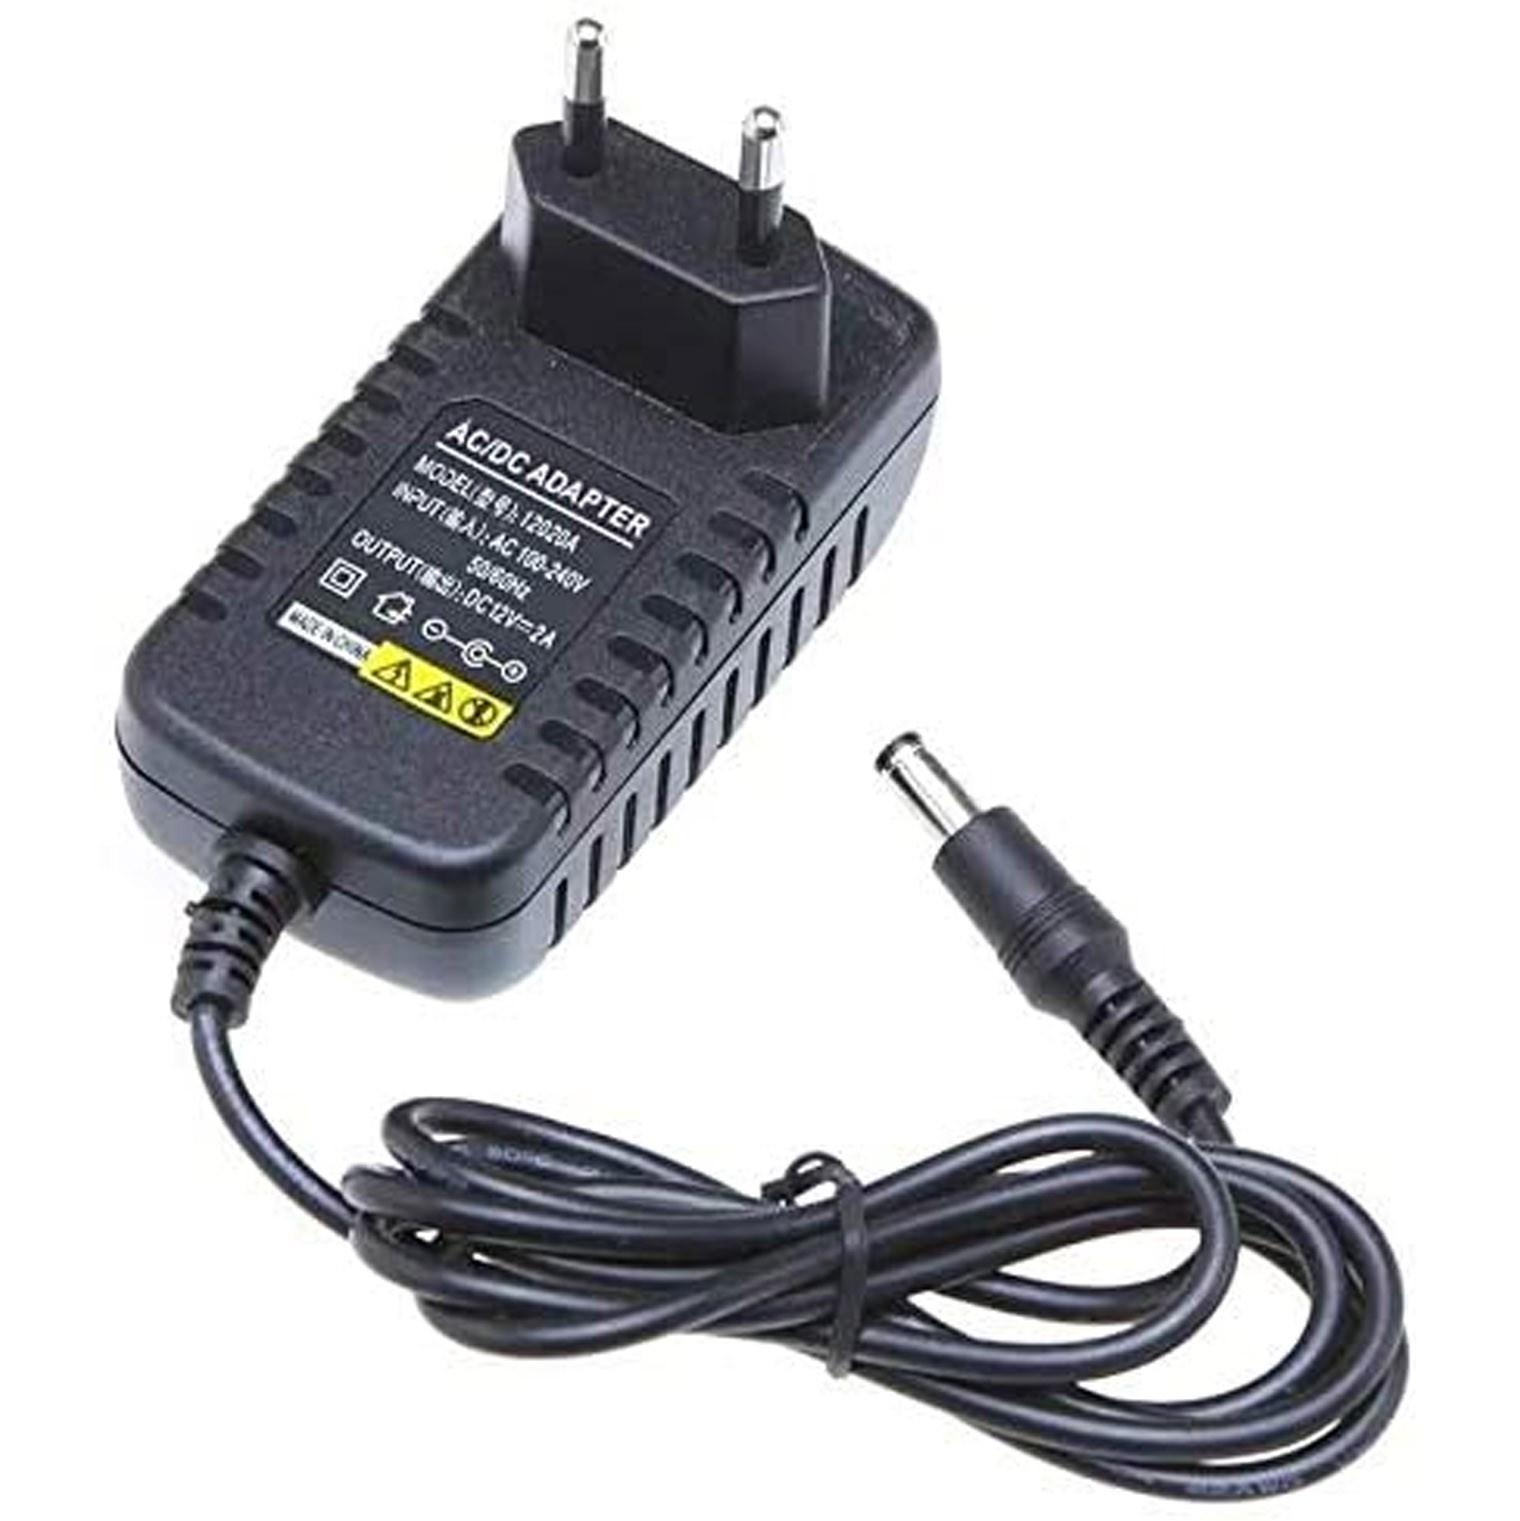 Fonte Alimentação Flex 5V 2A Plug P4 Bivolt Xcell FX-BOX-1